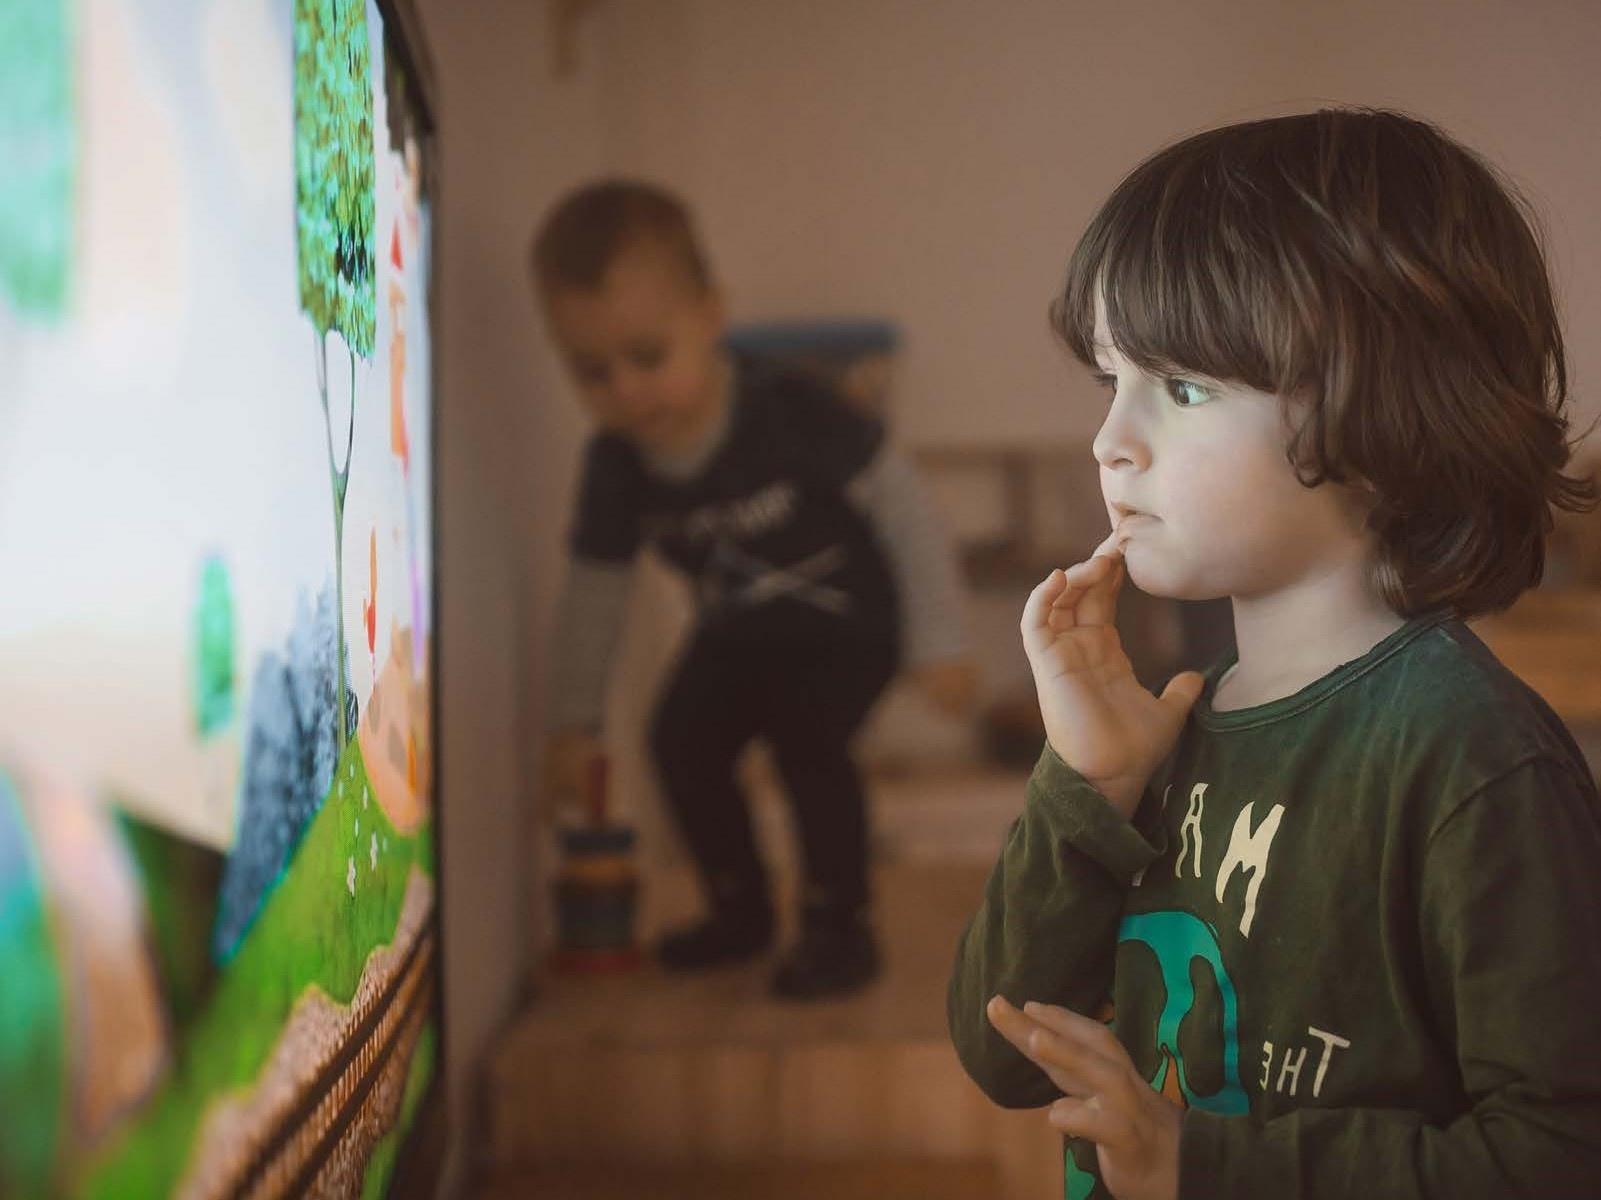 kinderen_met_autisme_functioneren_niet_in_verhouding_tot_hun_intelligentie_3op4.jpg